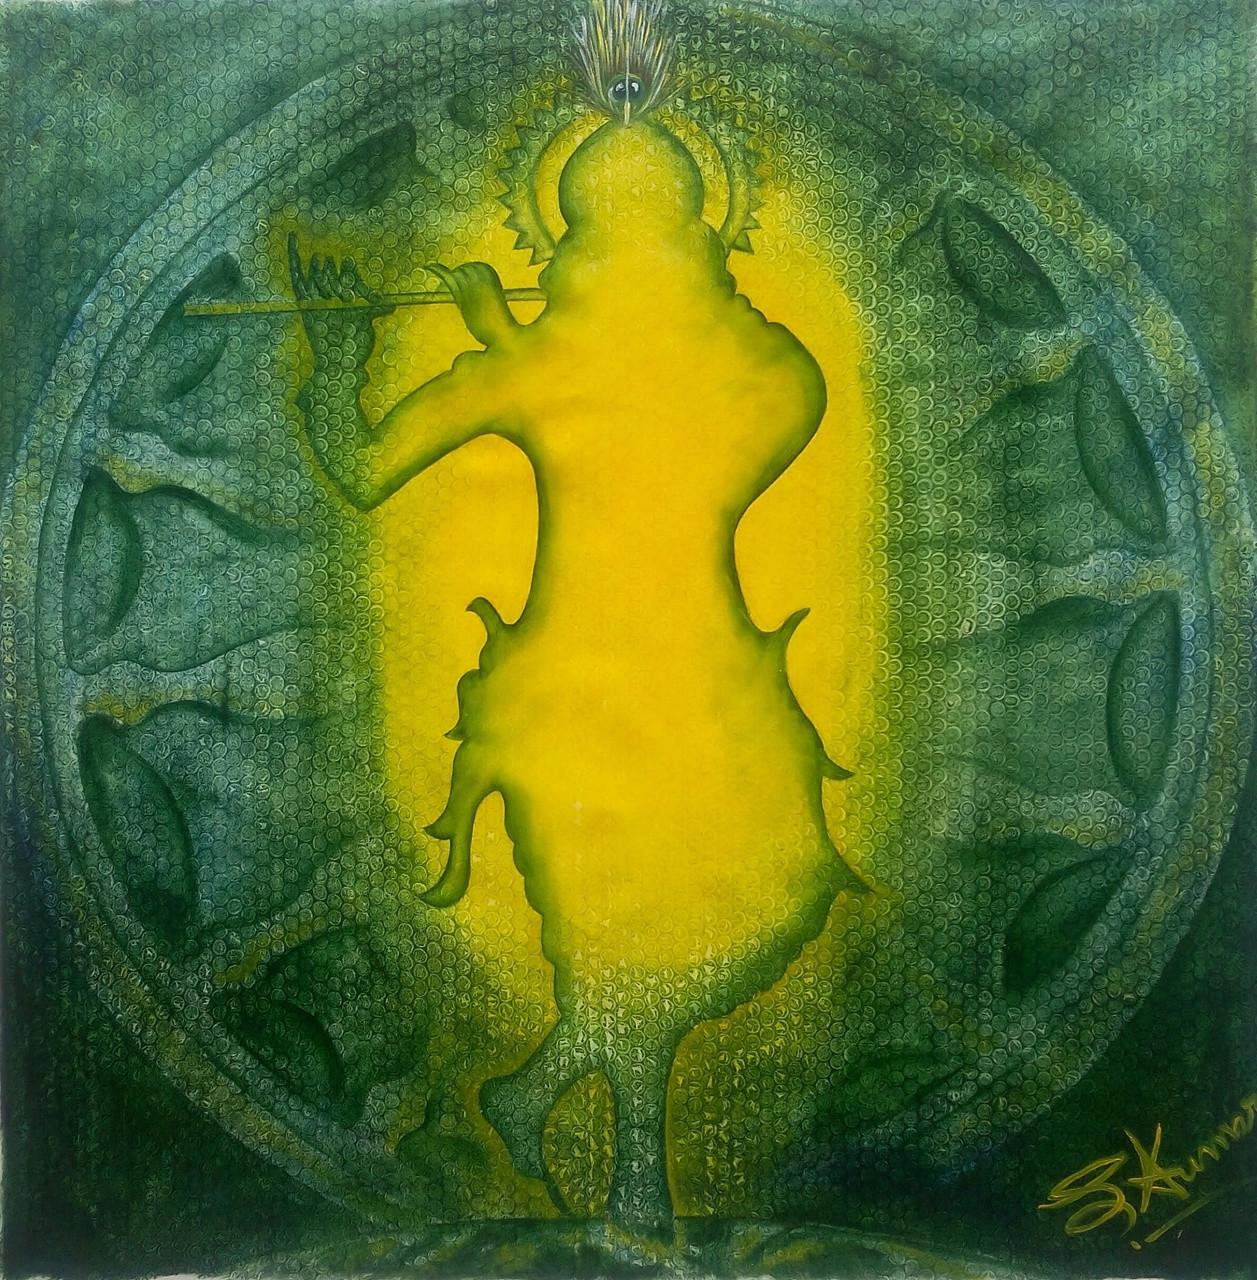 In Sale Buy Paintings By Painting For Kumar - Light Krishna Divine 28730 Online 4698 Sunil Handmade India Code Shri art